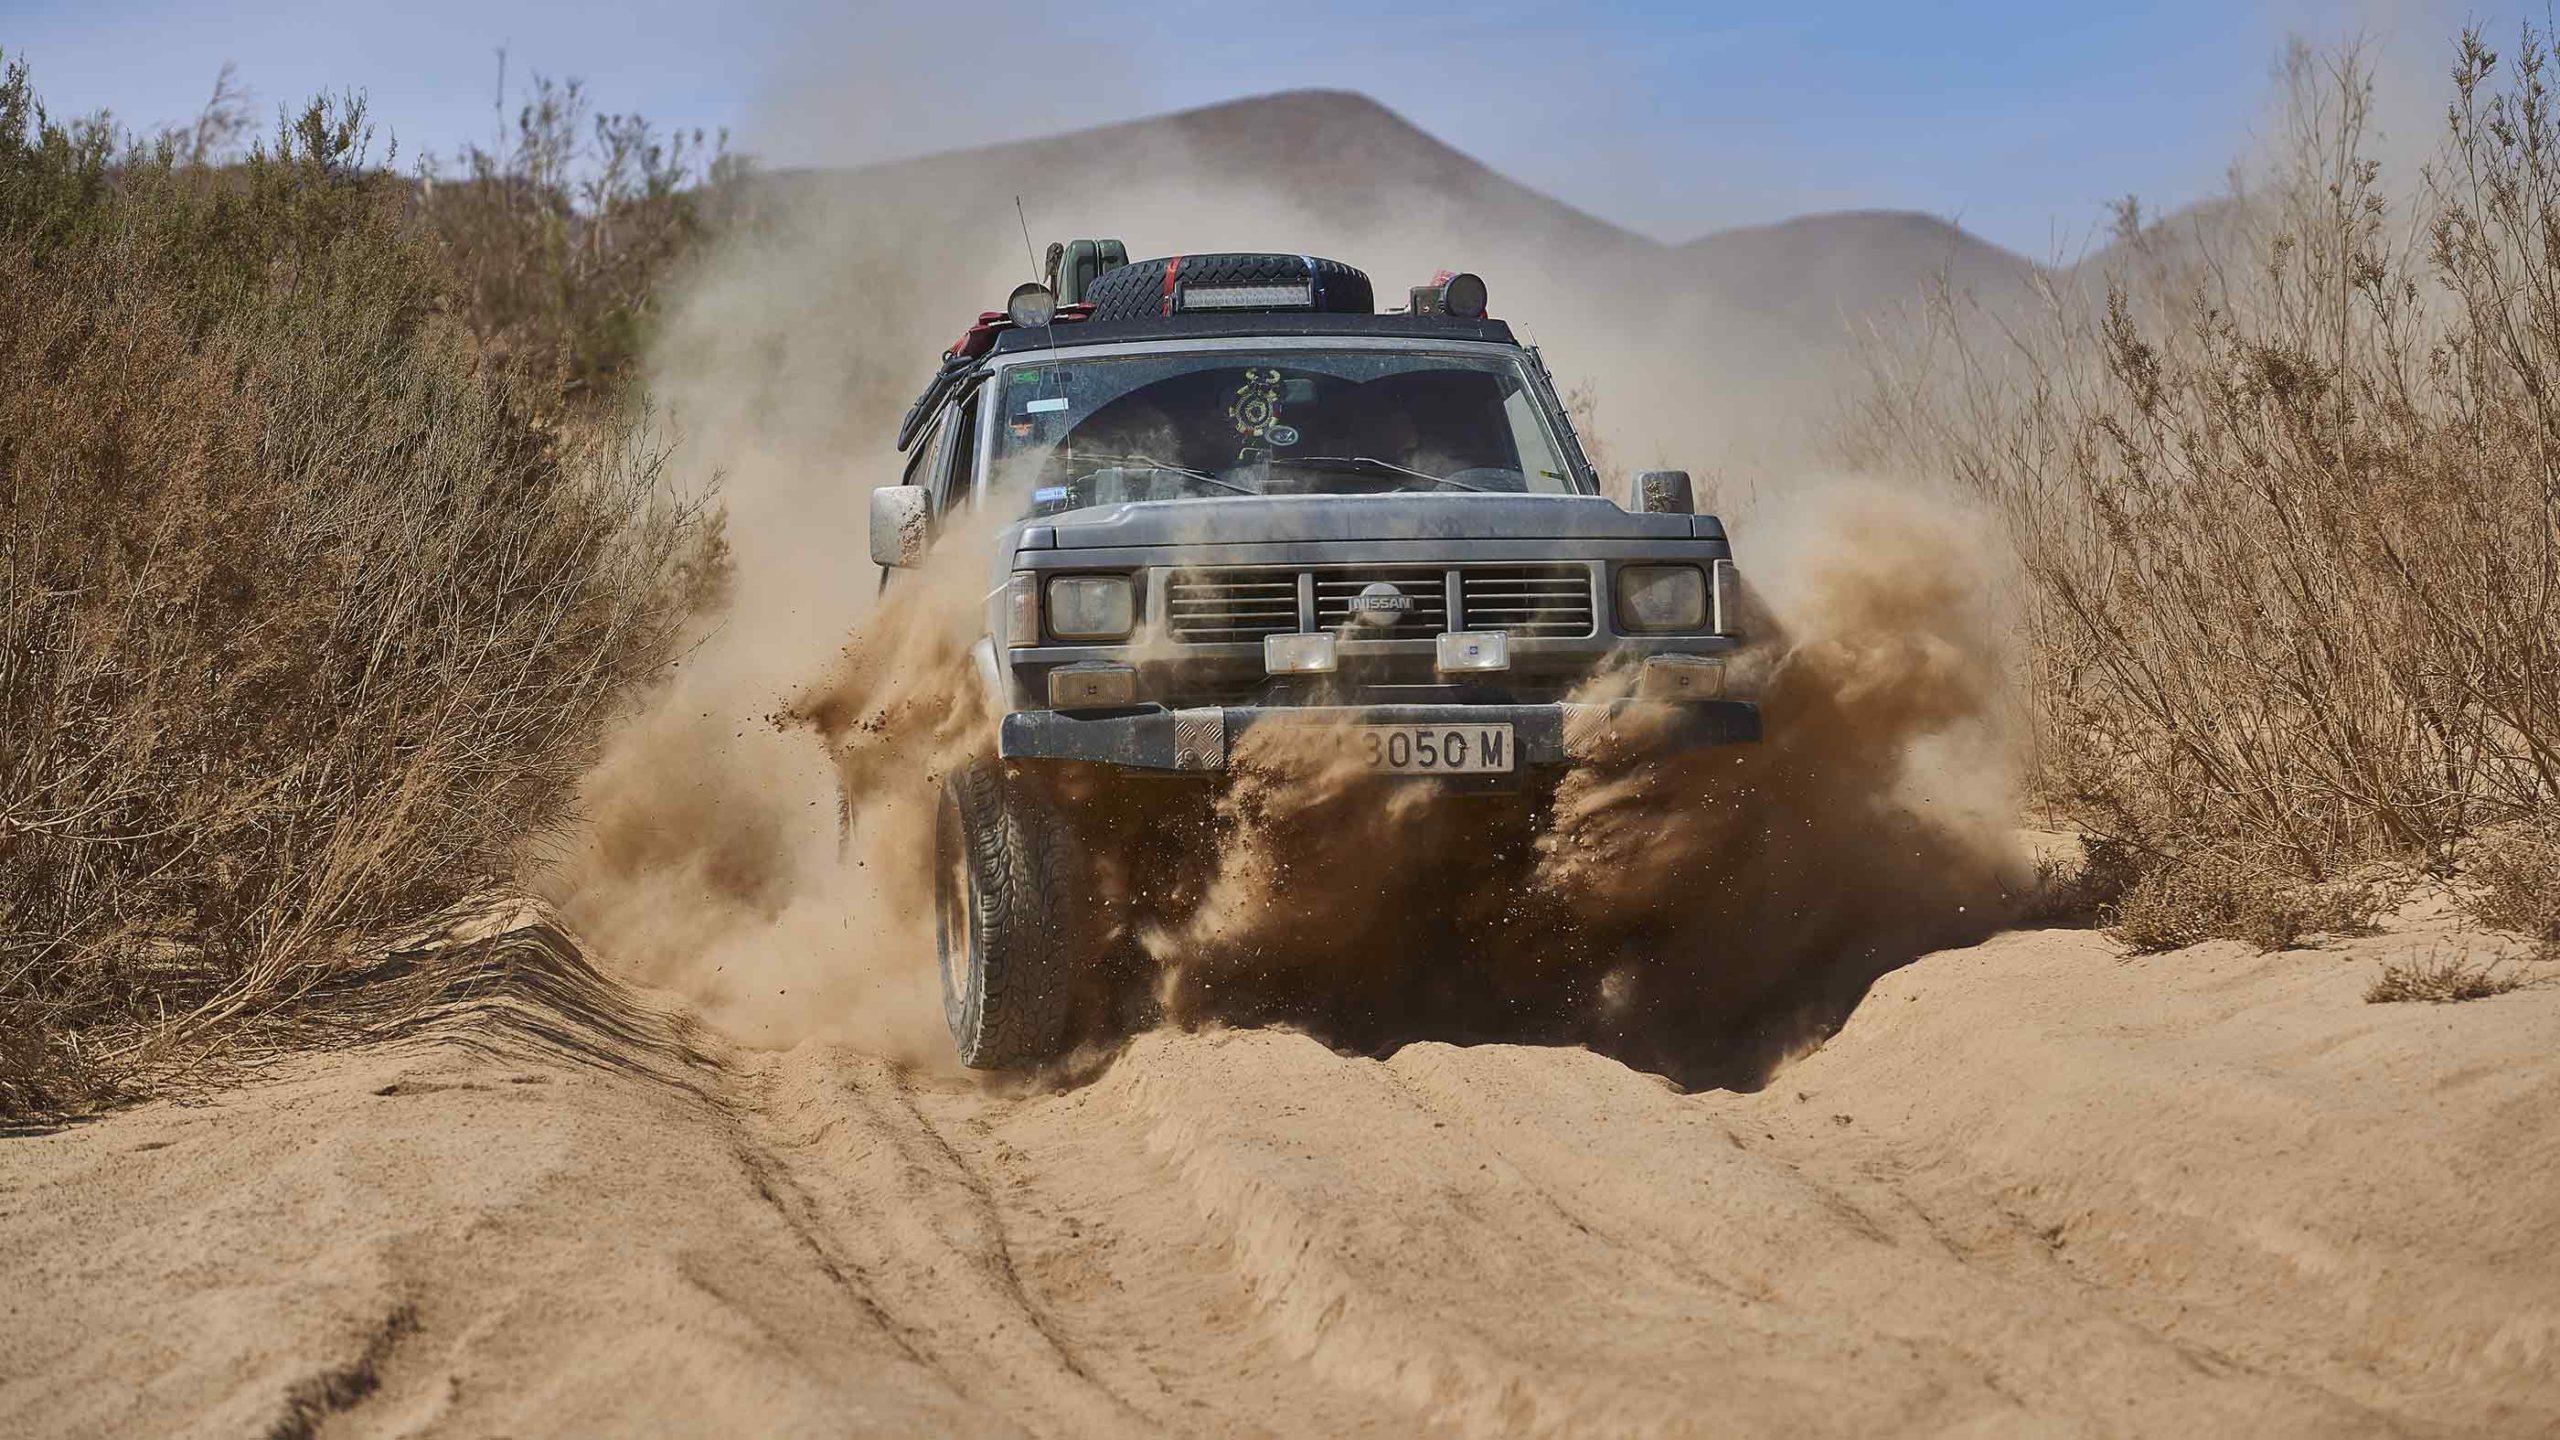 Un Nissan Patrol a pasar una zona de arena en Marruecos